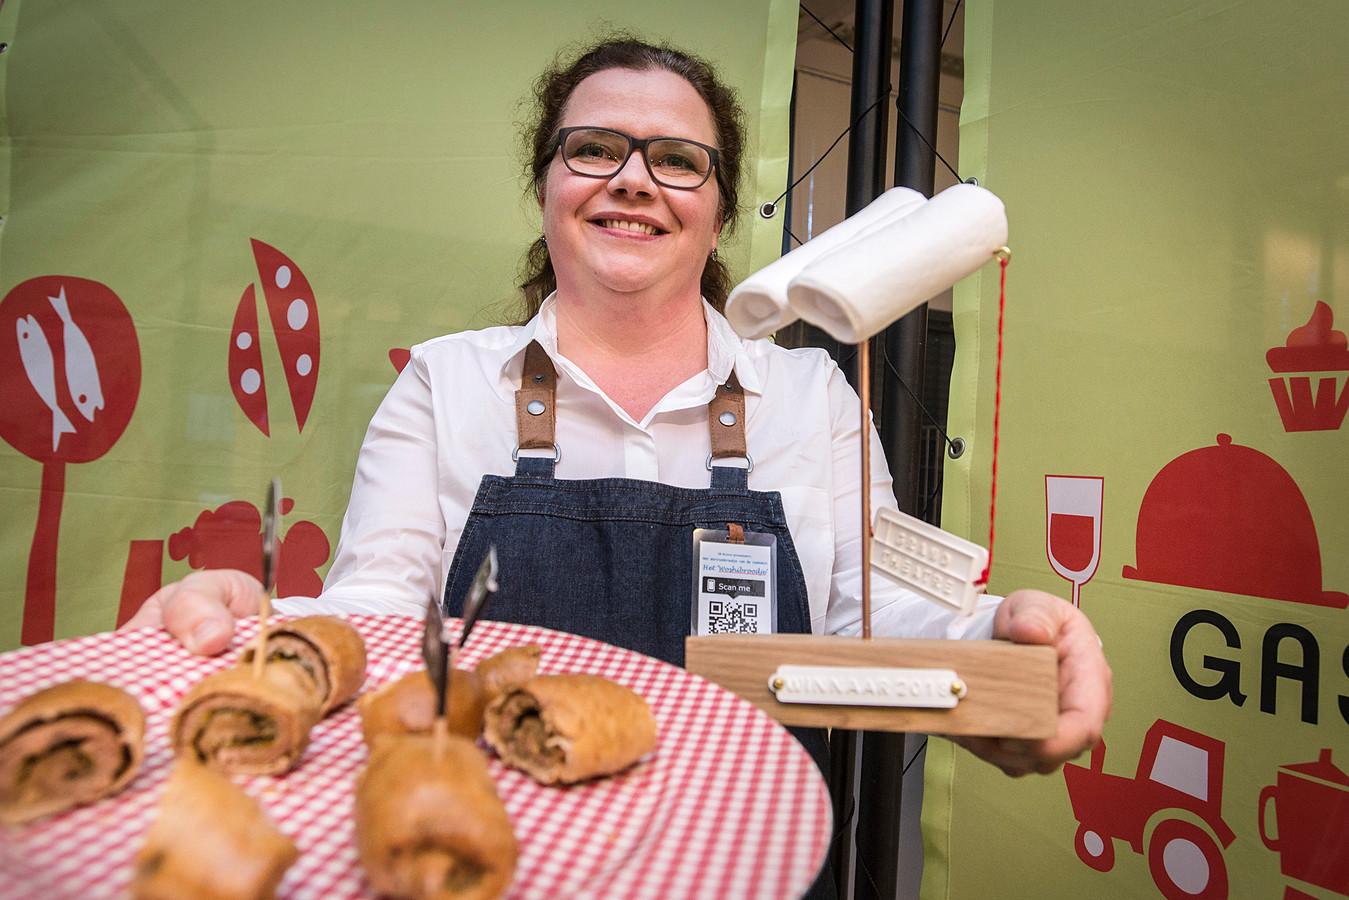 Suzanne van der poll is winnaar geworden van wedstijd 'het worstenbroodje van de toekomst'